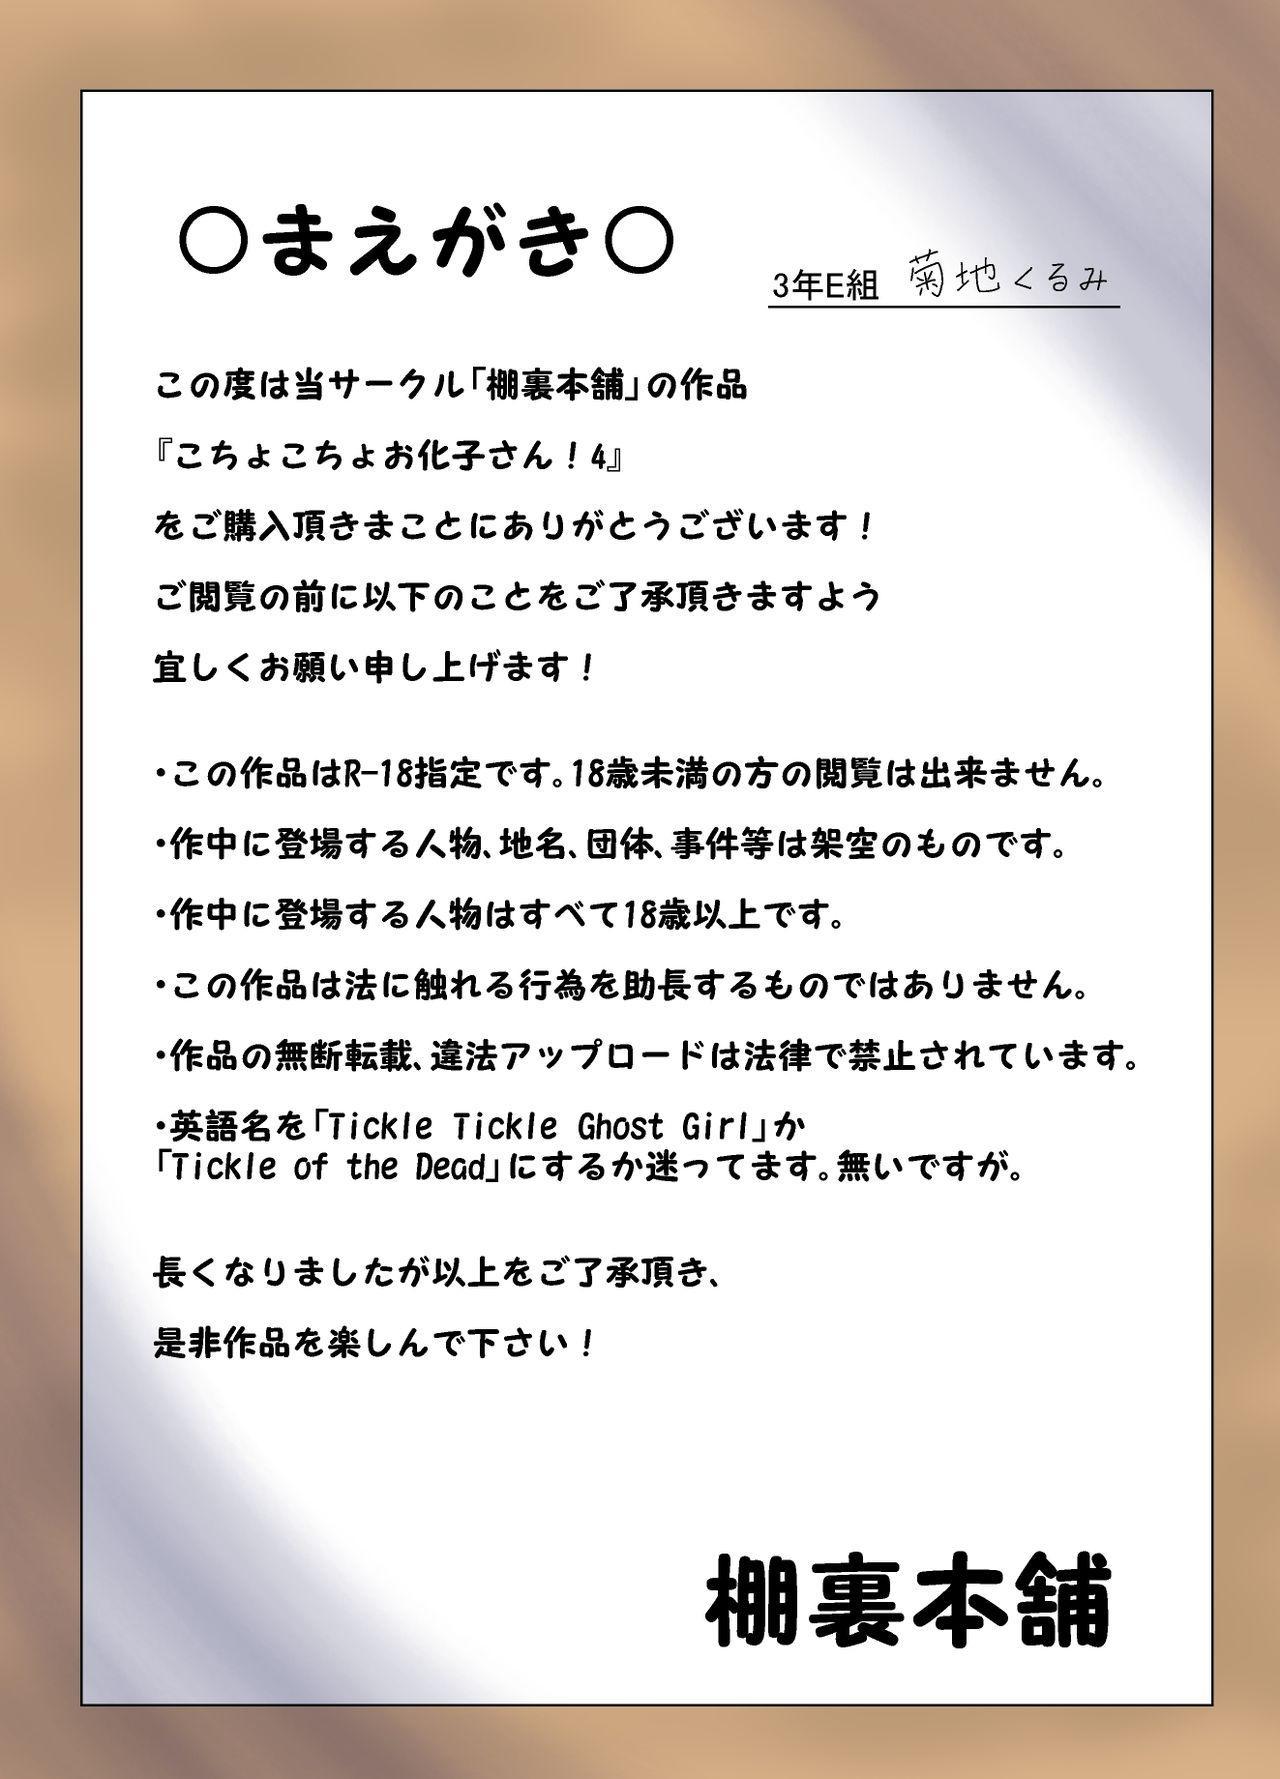 Kochokocho Okako-san! 4 1